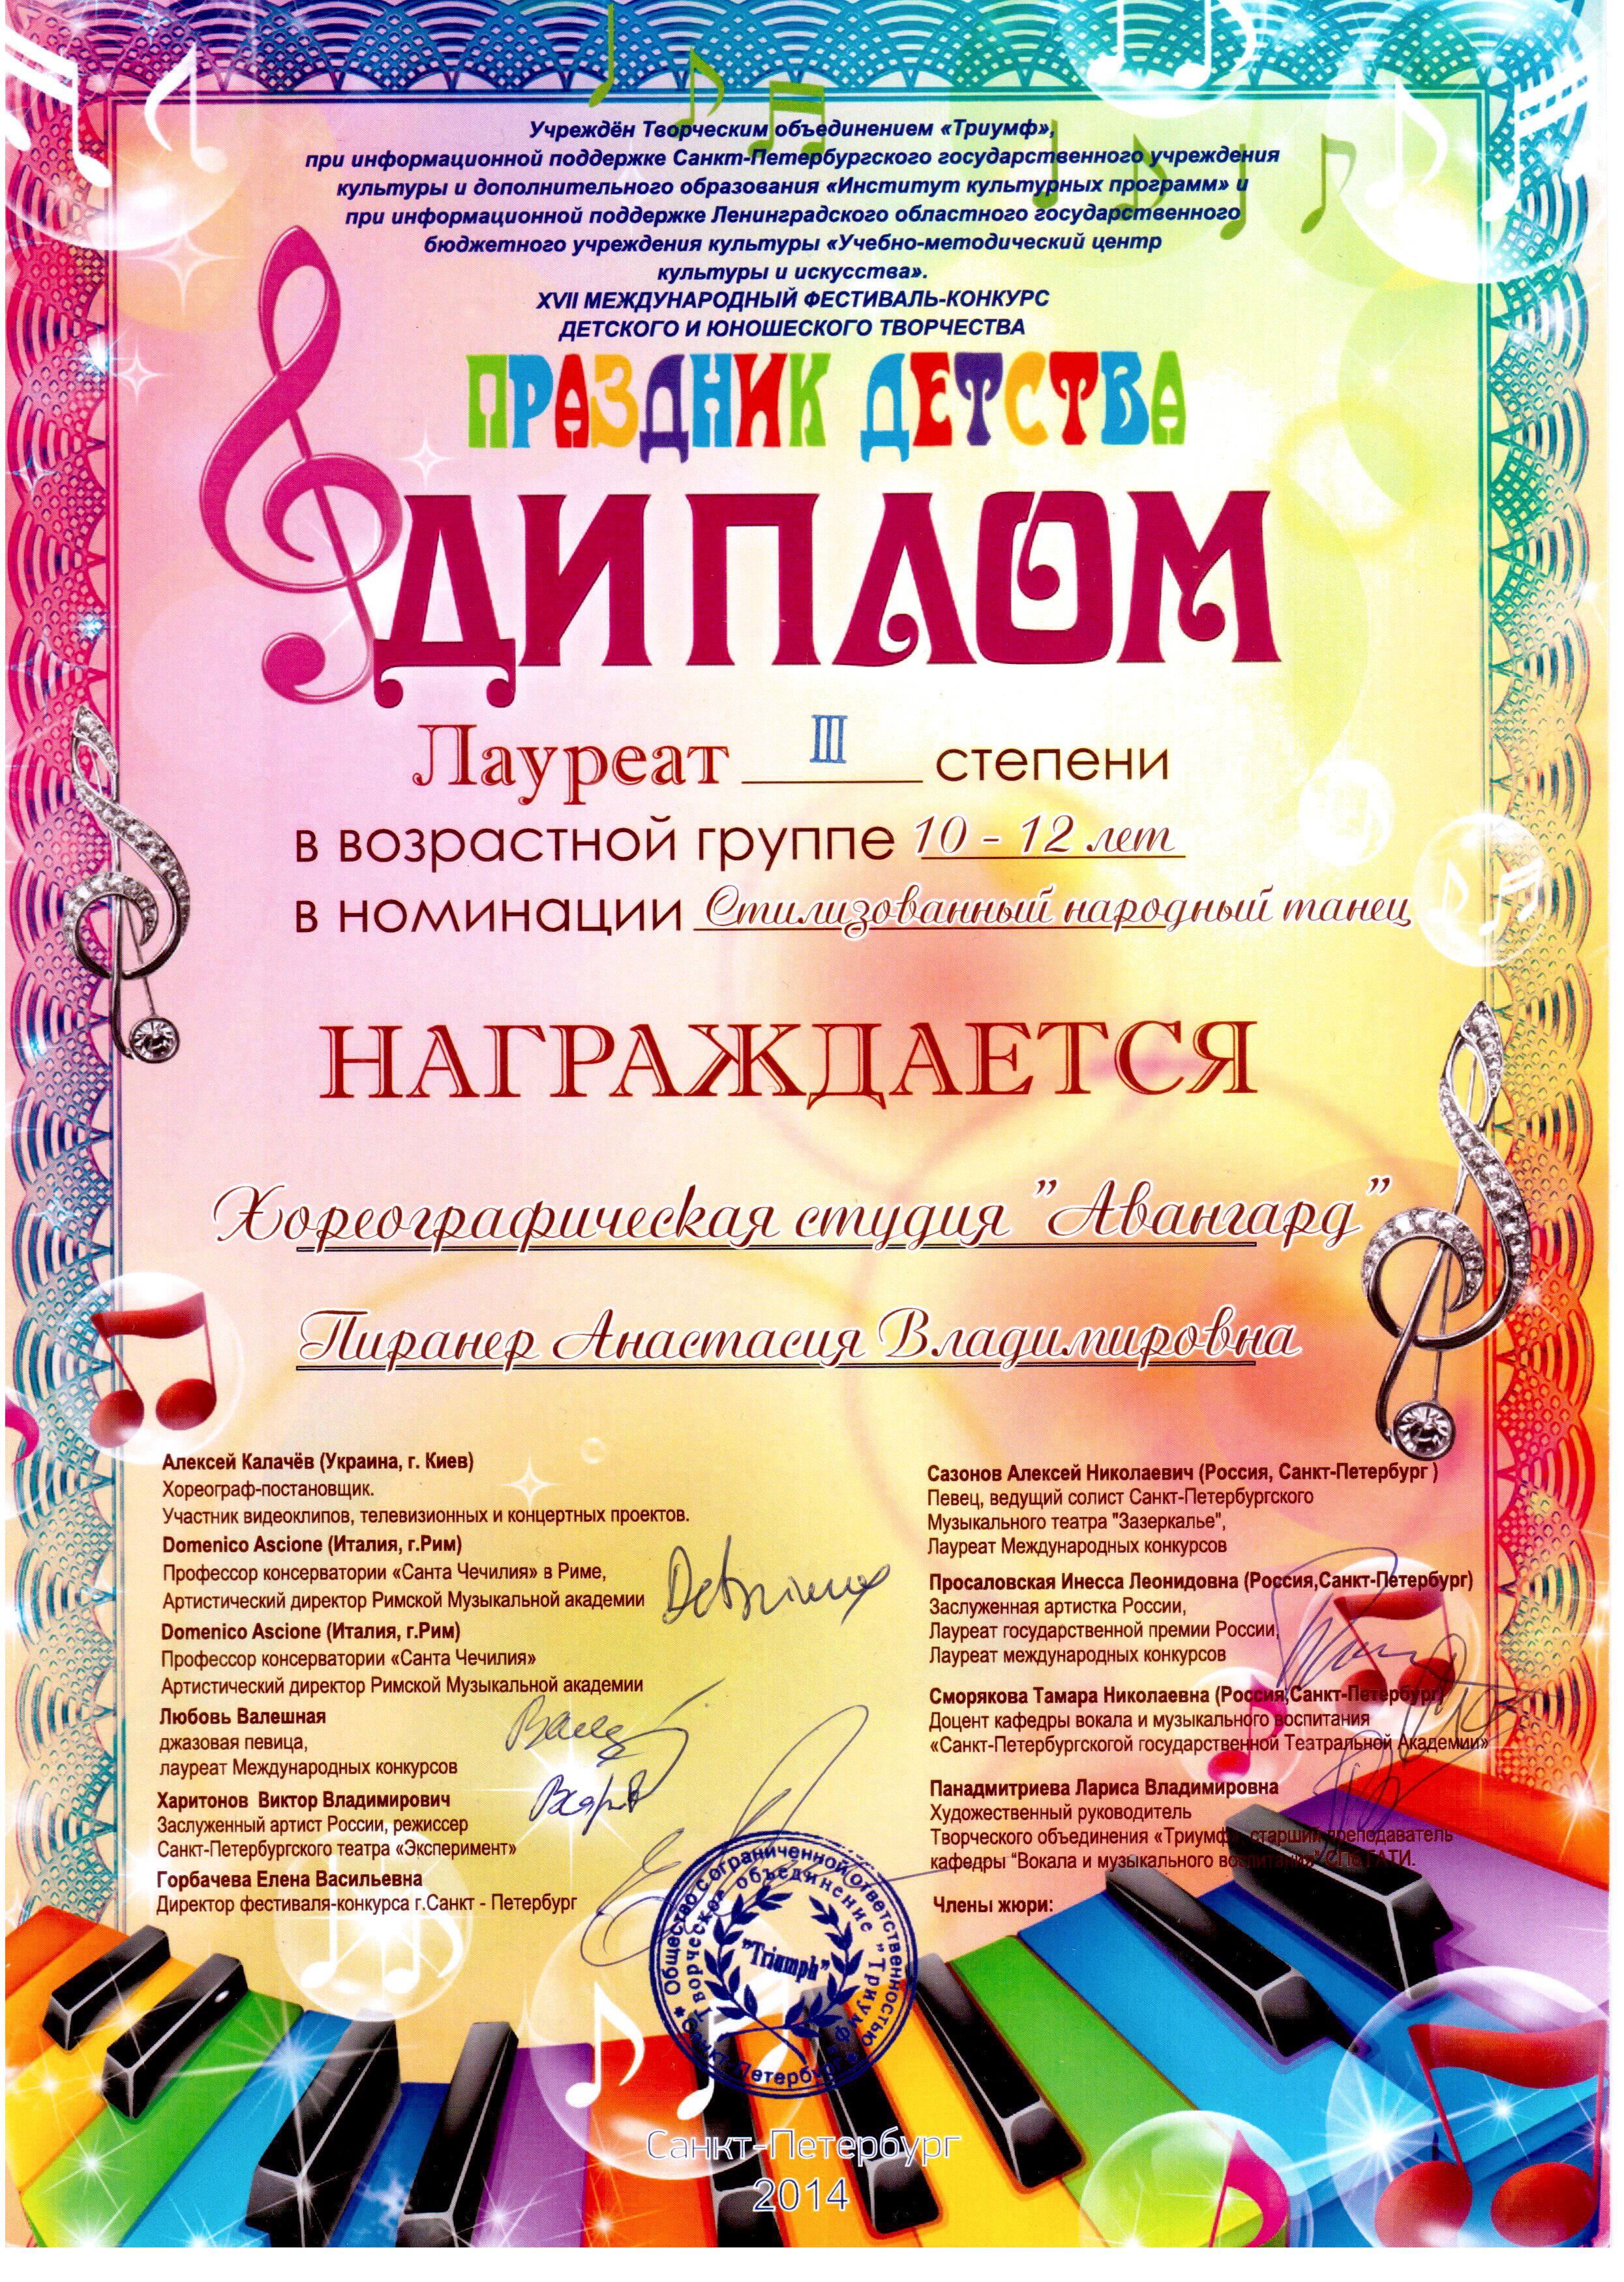 stilizovanny_narodny_tanets.jpg